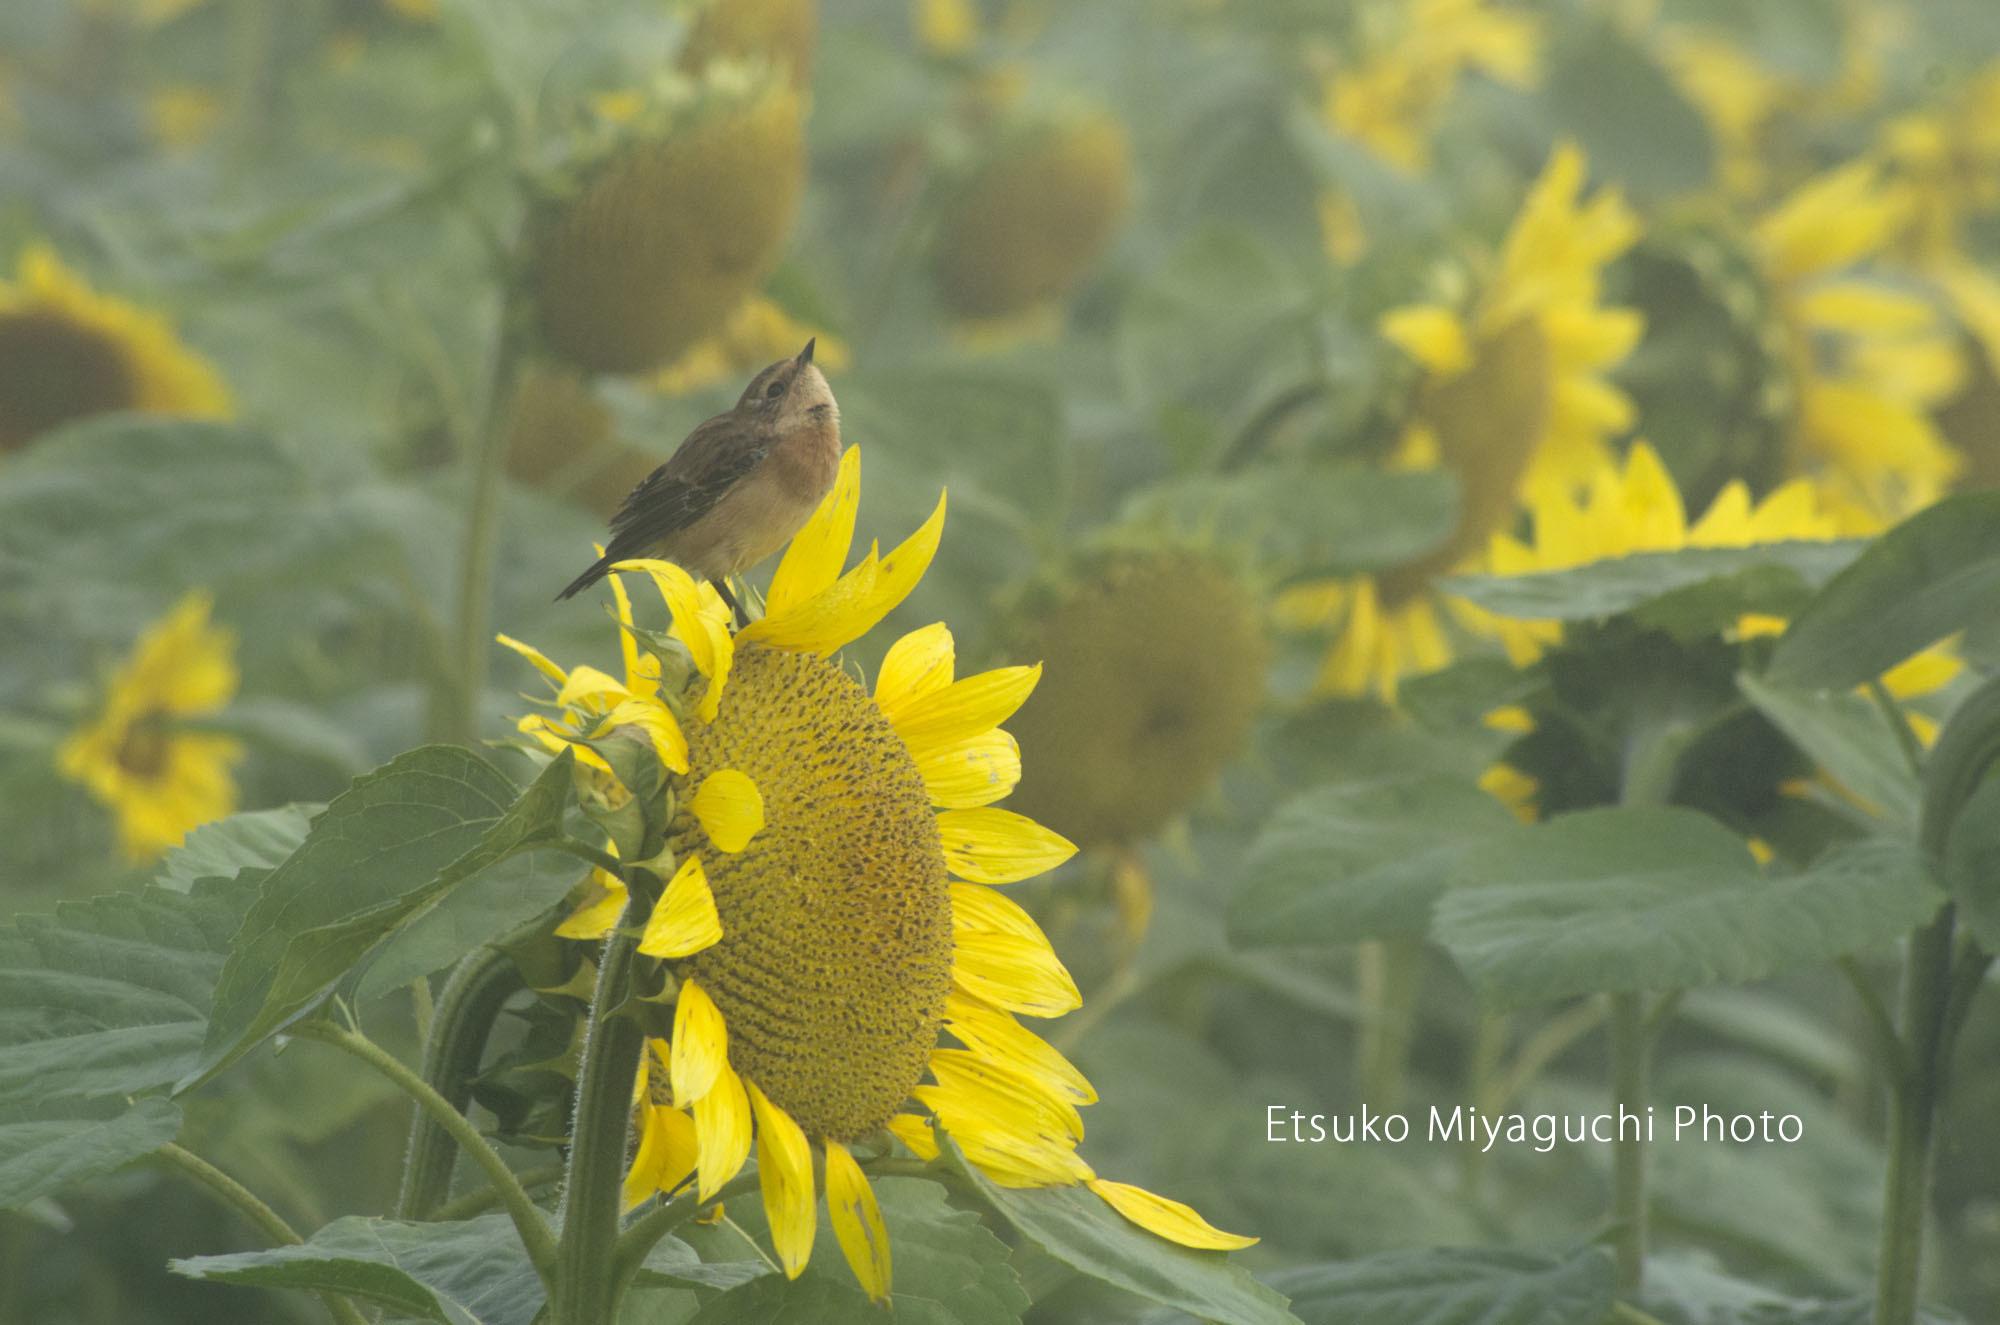 小鳥とひまわり_f0152939_04441827.jpg